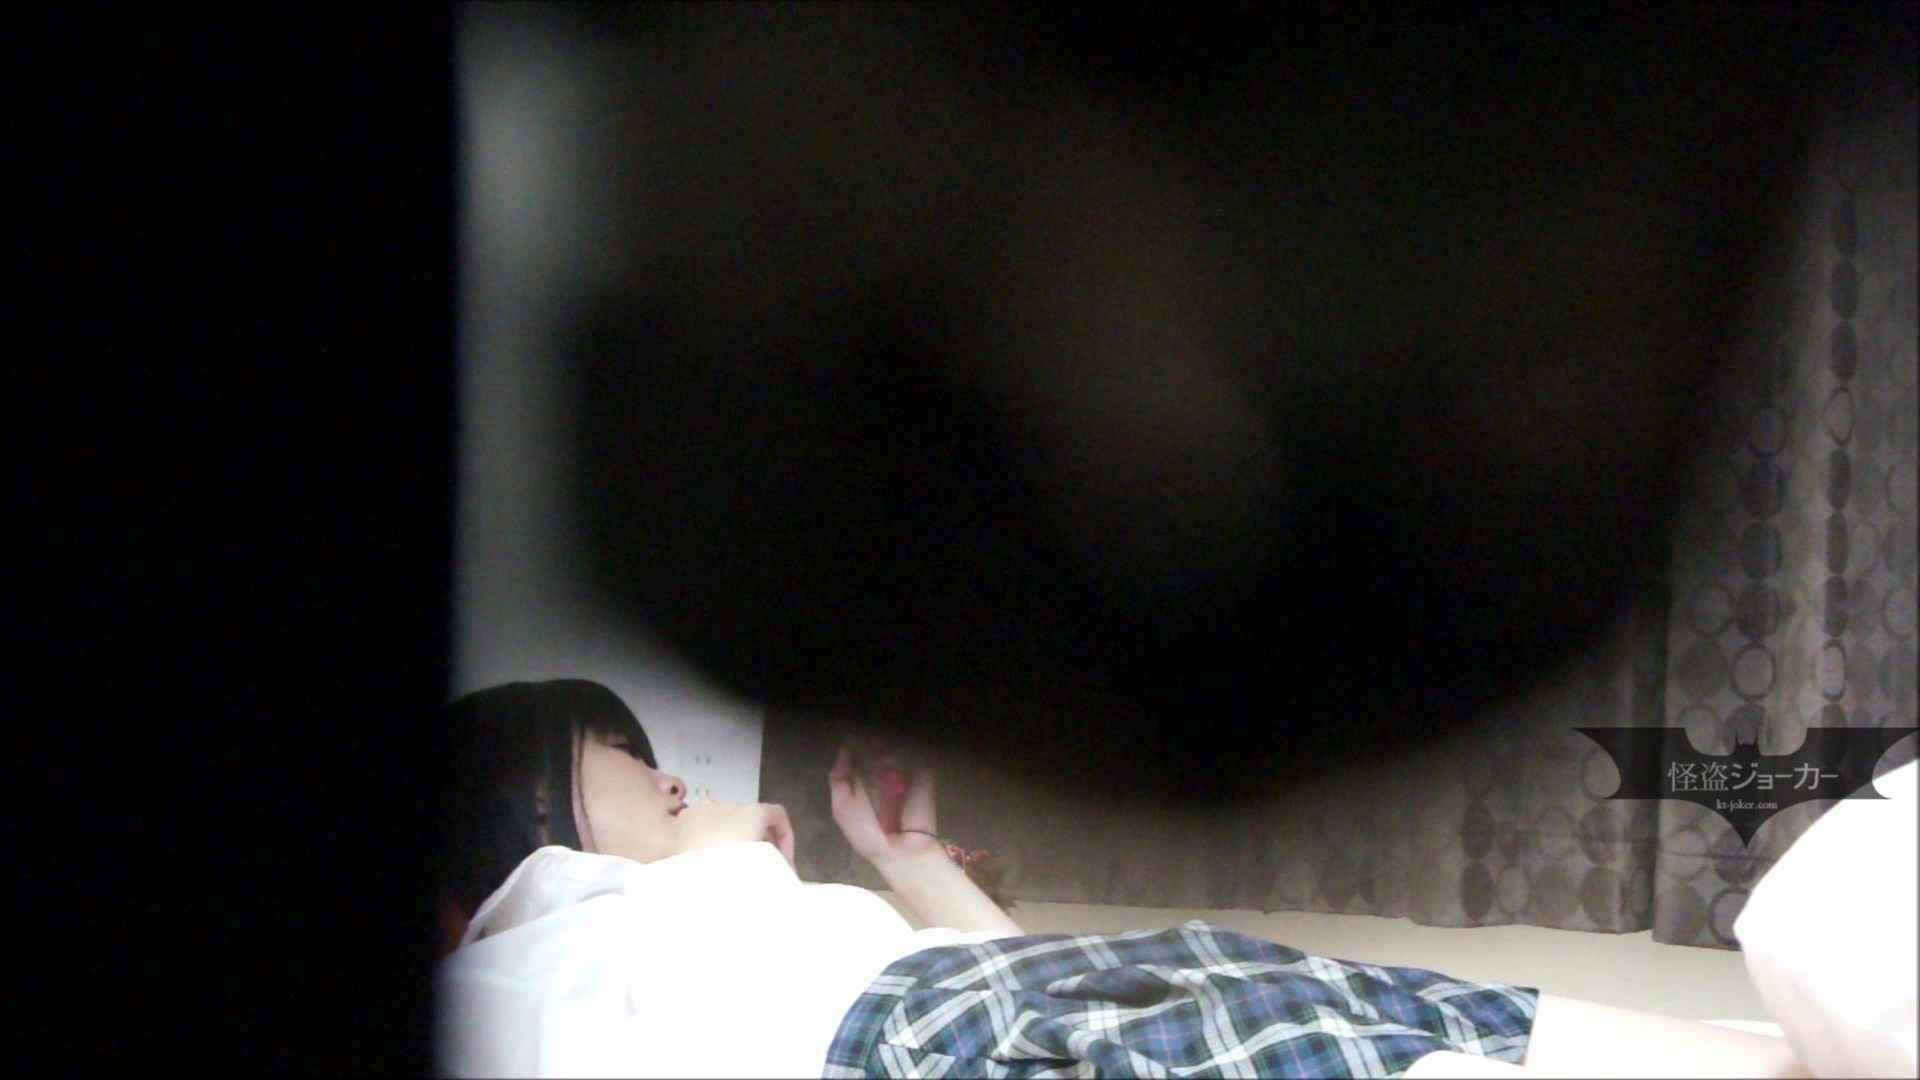 【未公開】vol.54【小春】脱衣所とオナニー隠し撮り 脱衣所   高画質  81画像 21